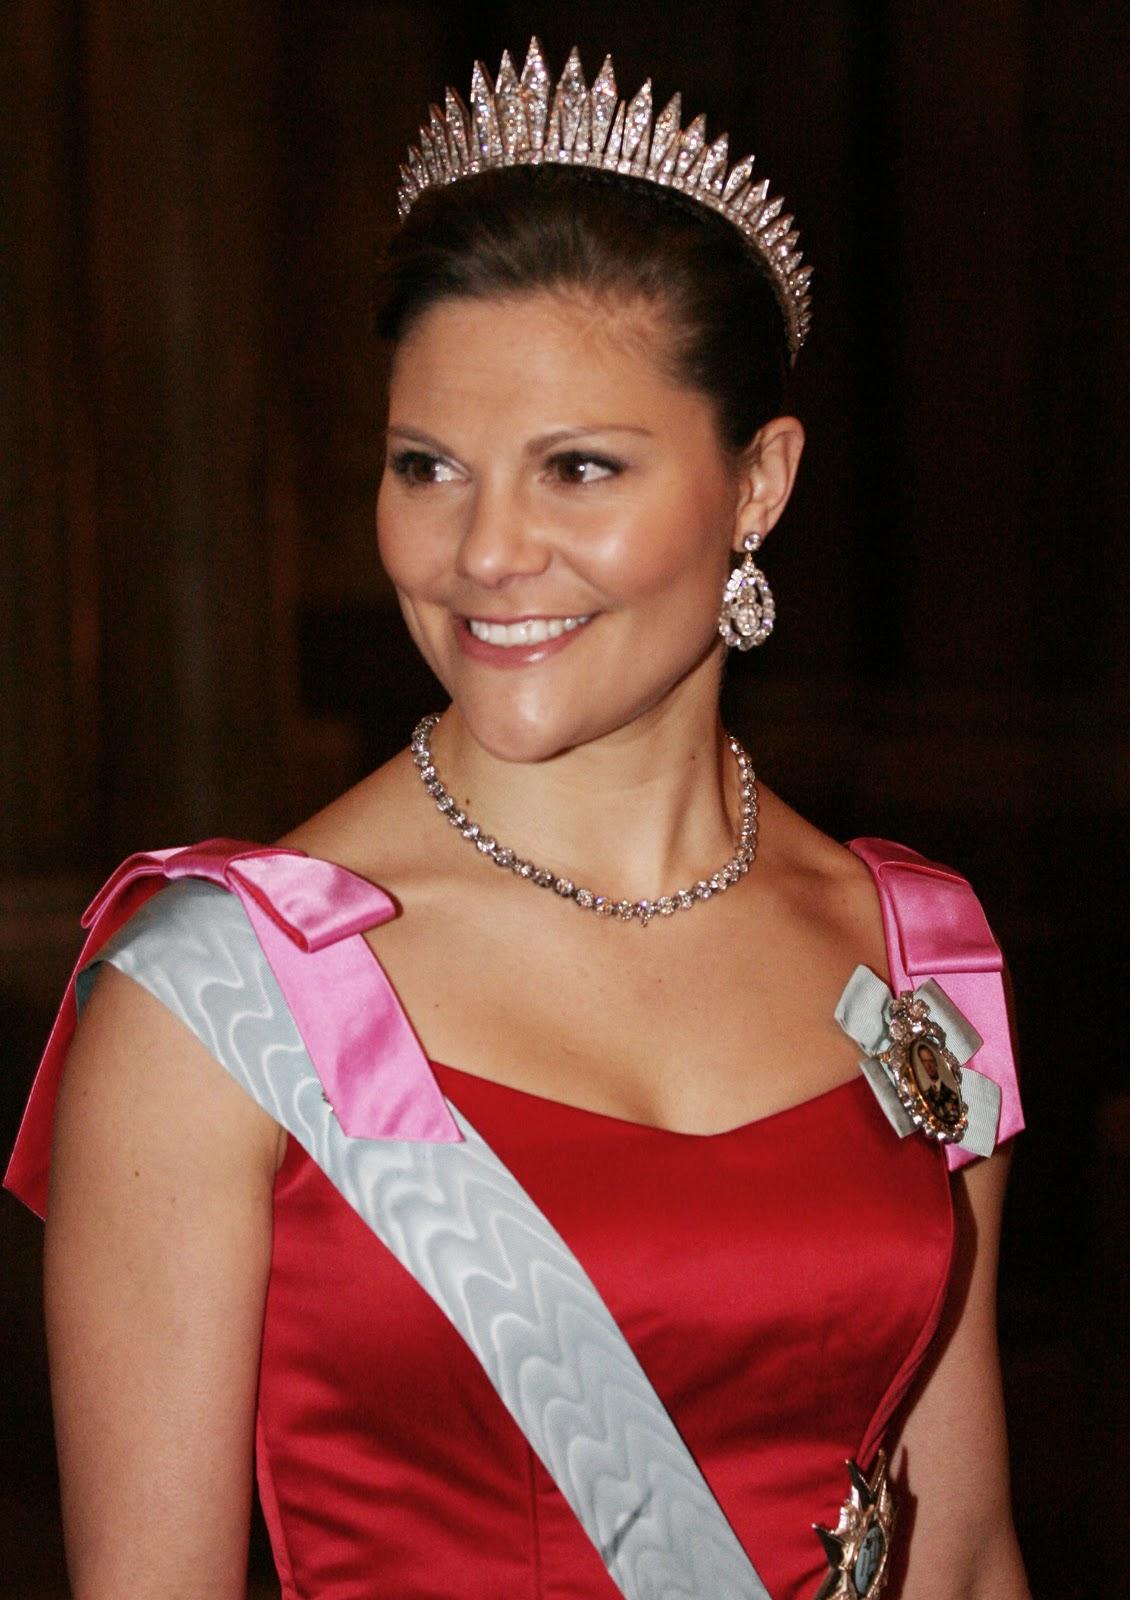 http://3.bp.blogspot.com/-nPh2Hib7-3k/TmfMzd3MA1I/AAAAAAAAAgs/I1MX91VawpE/s1600/princess+victoria+%25282%2529.jpg